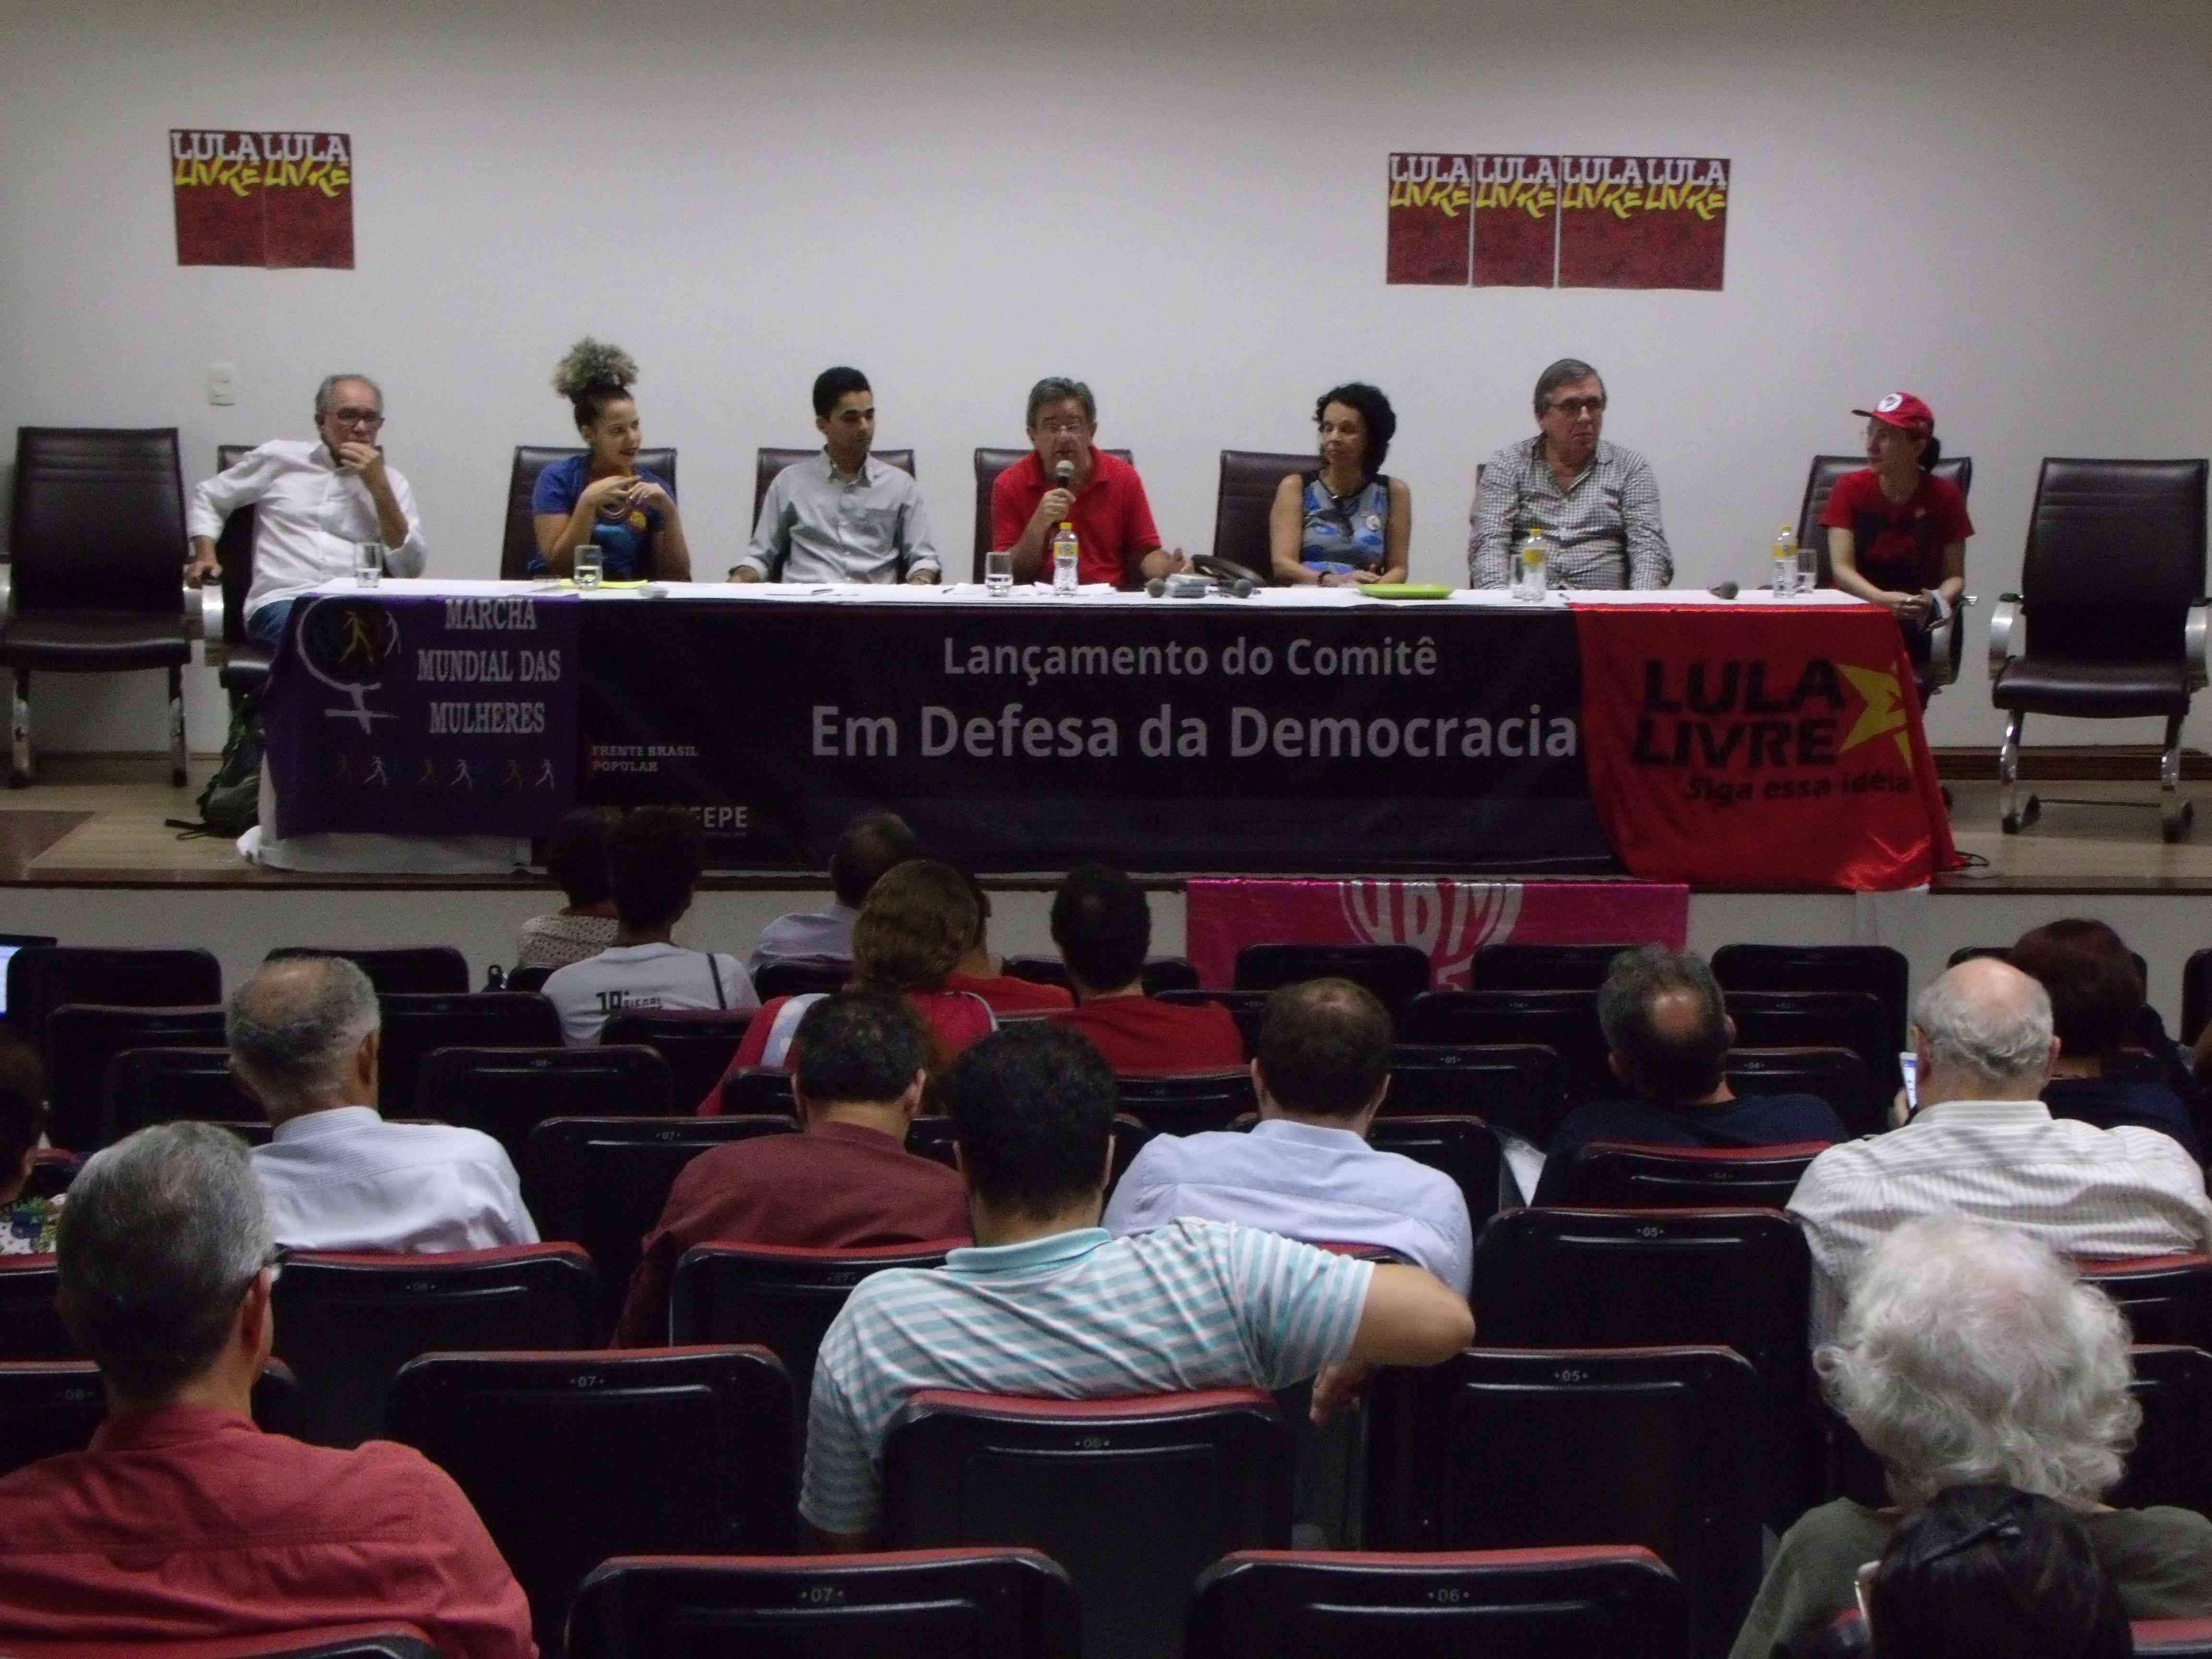 Lançamento do Comitê em Defesa da Democracia. Fotos: Ascom ADUFEPE